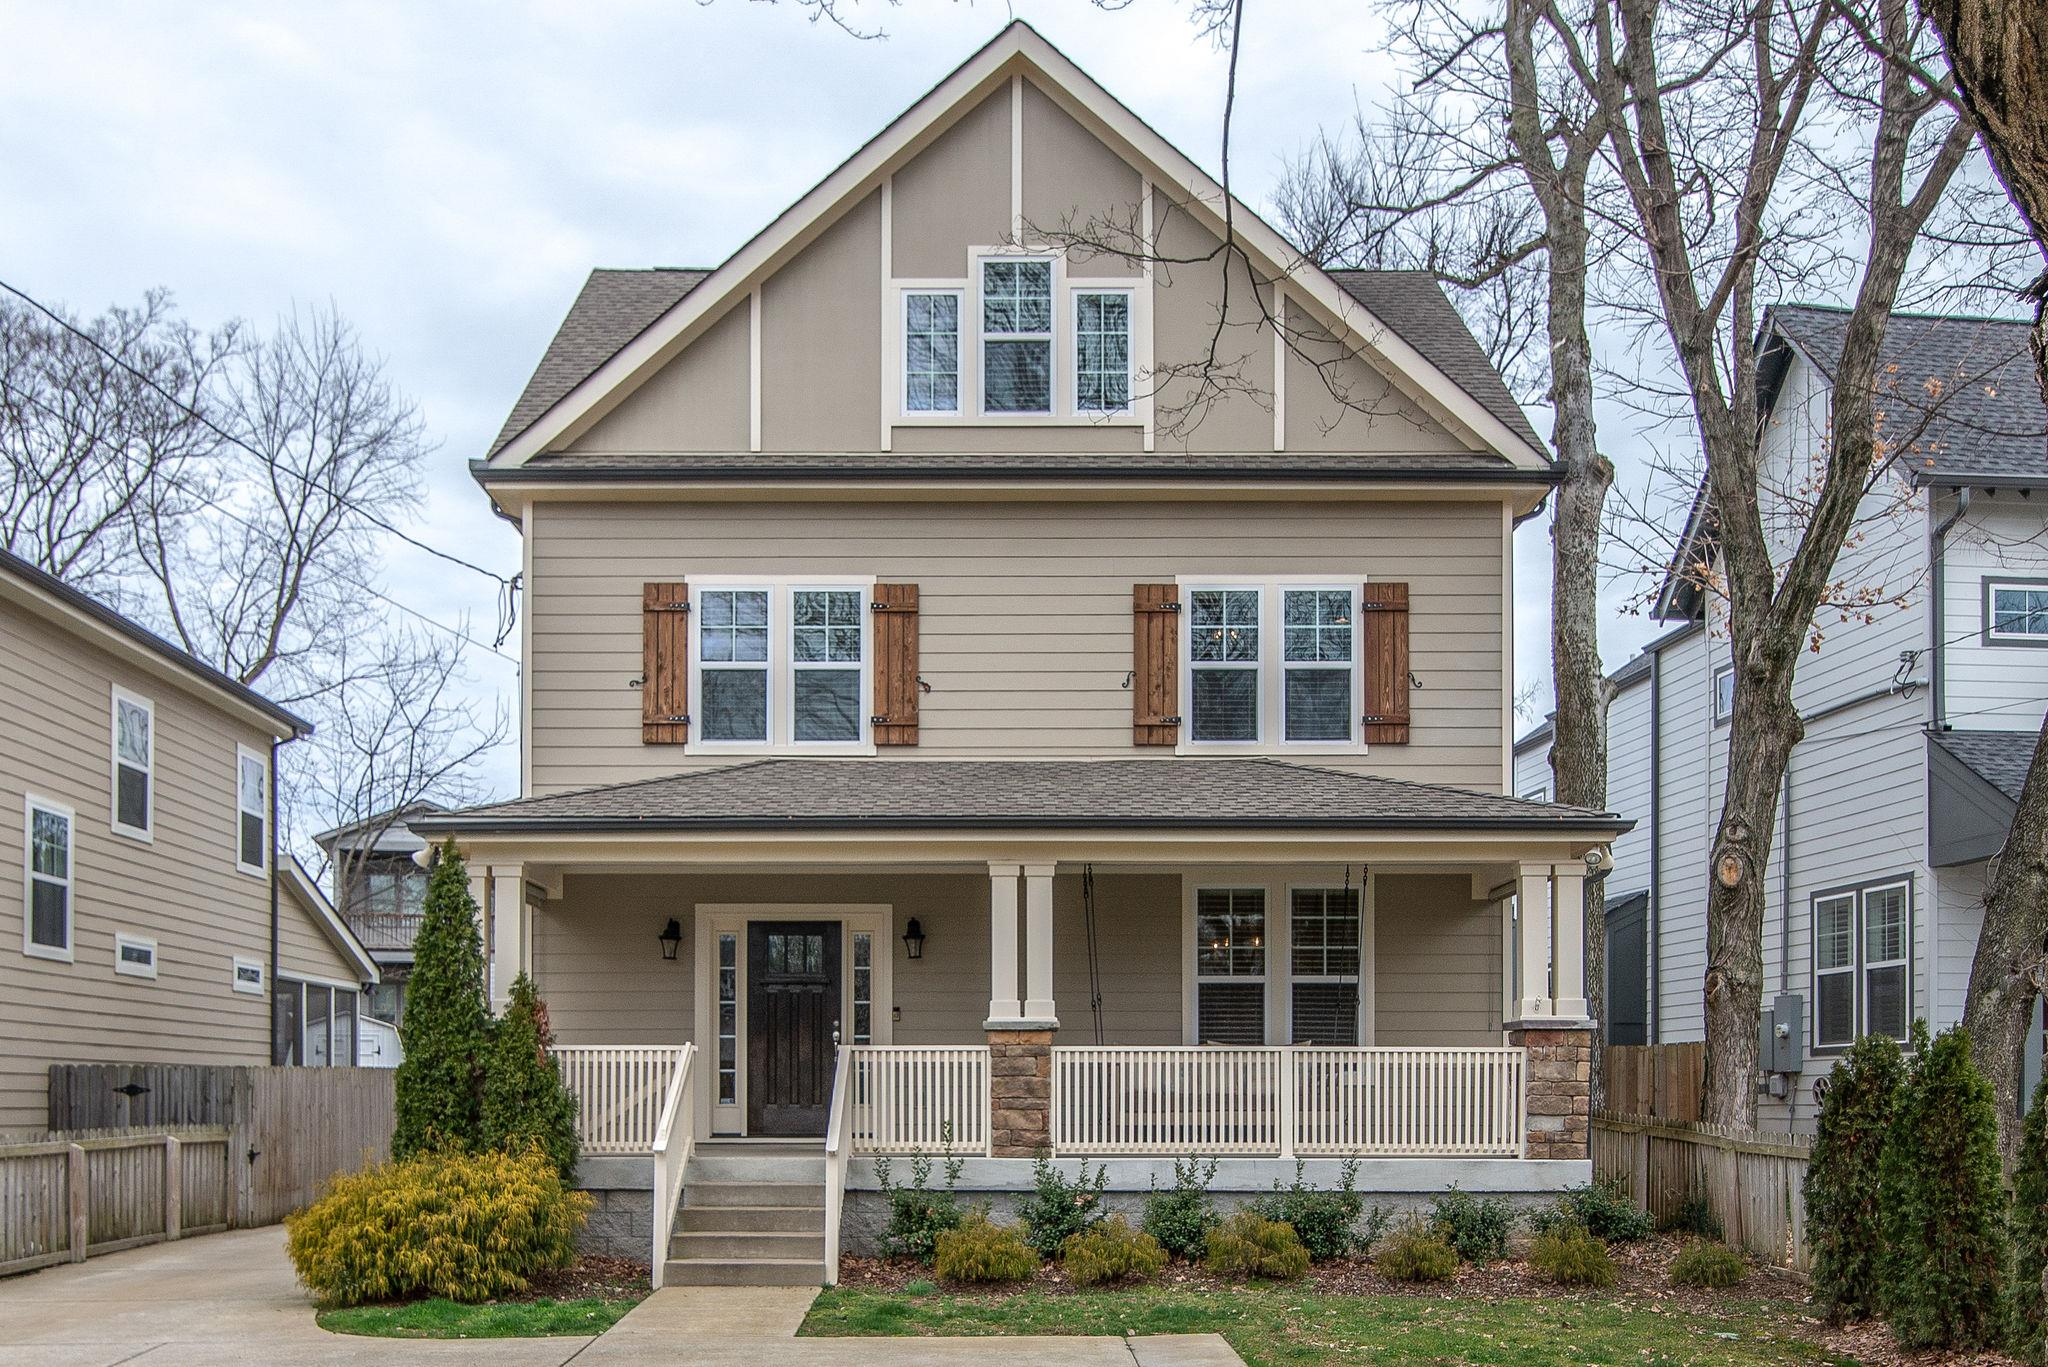 914 Kirkwood Ave, Nashville, TN 37204 - Nashville, TN real estate listing